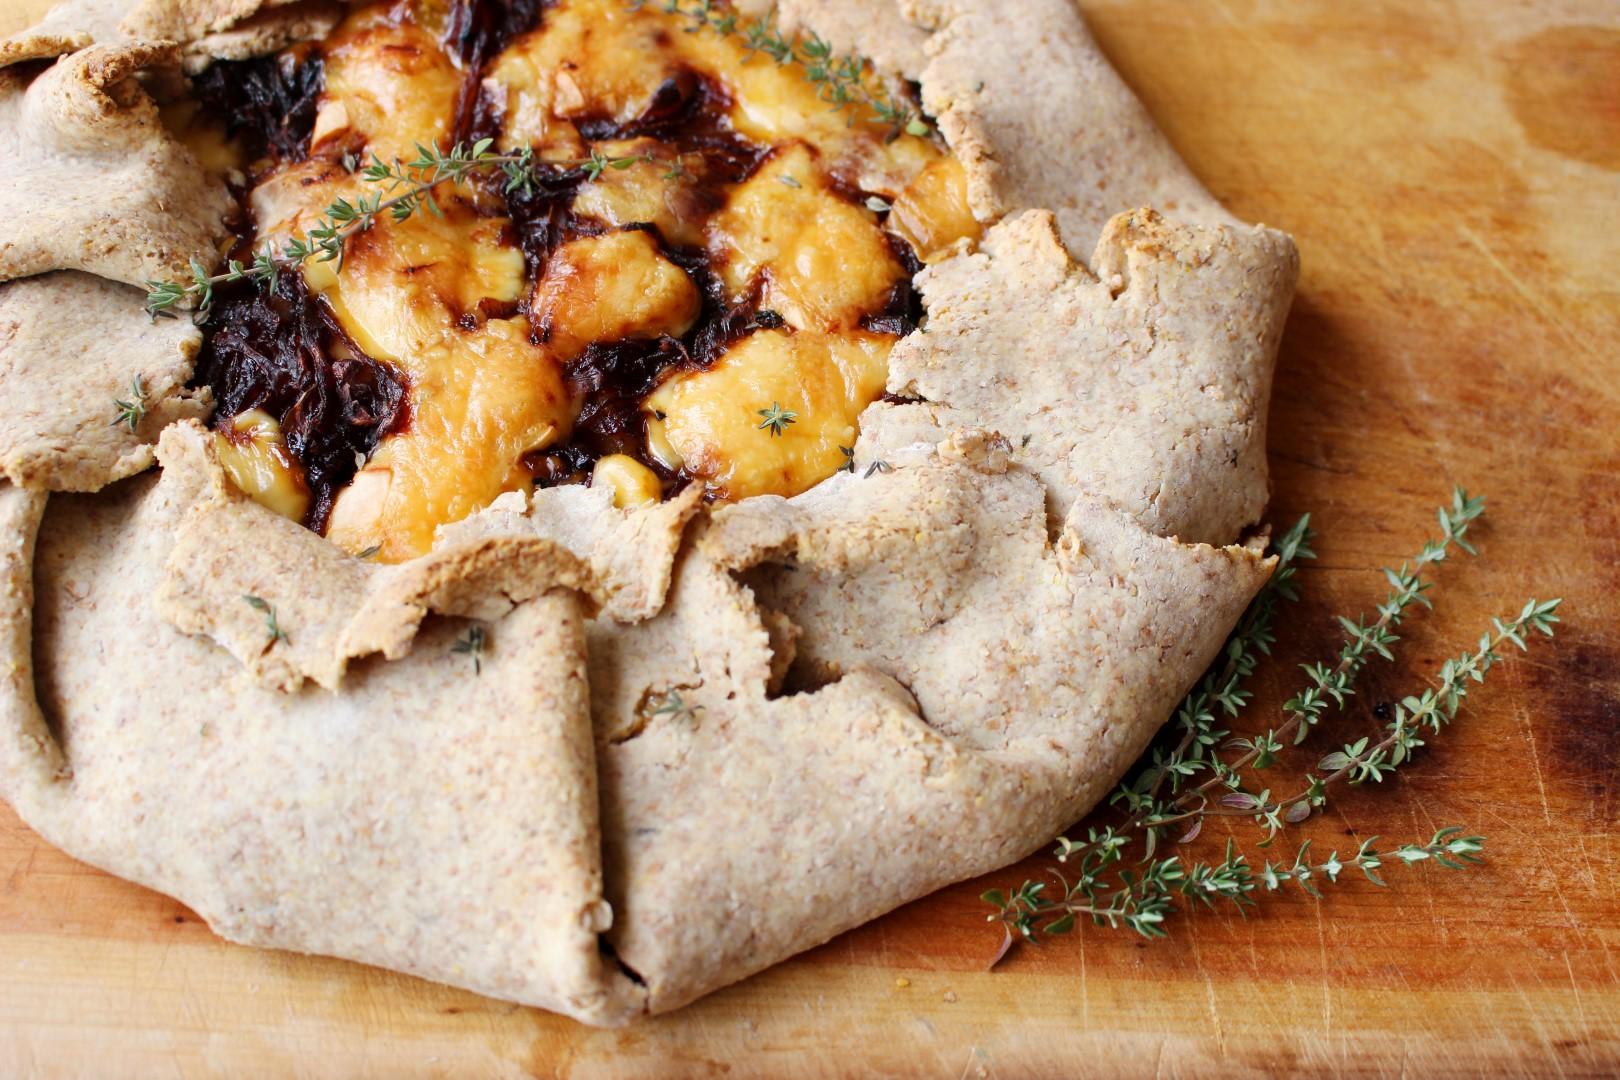 tarta de queso en forma de galette, calabacín y cebollas caramelizadas, receta fácil, recetas de cocina.